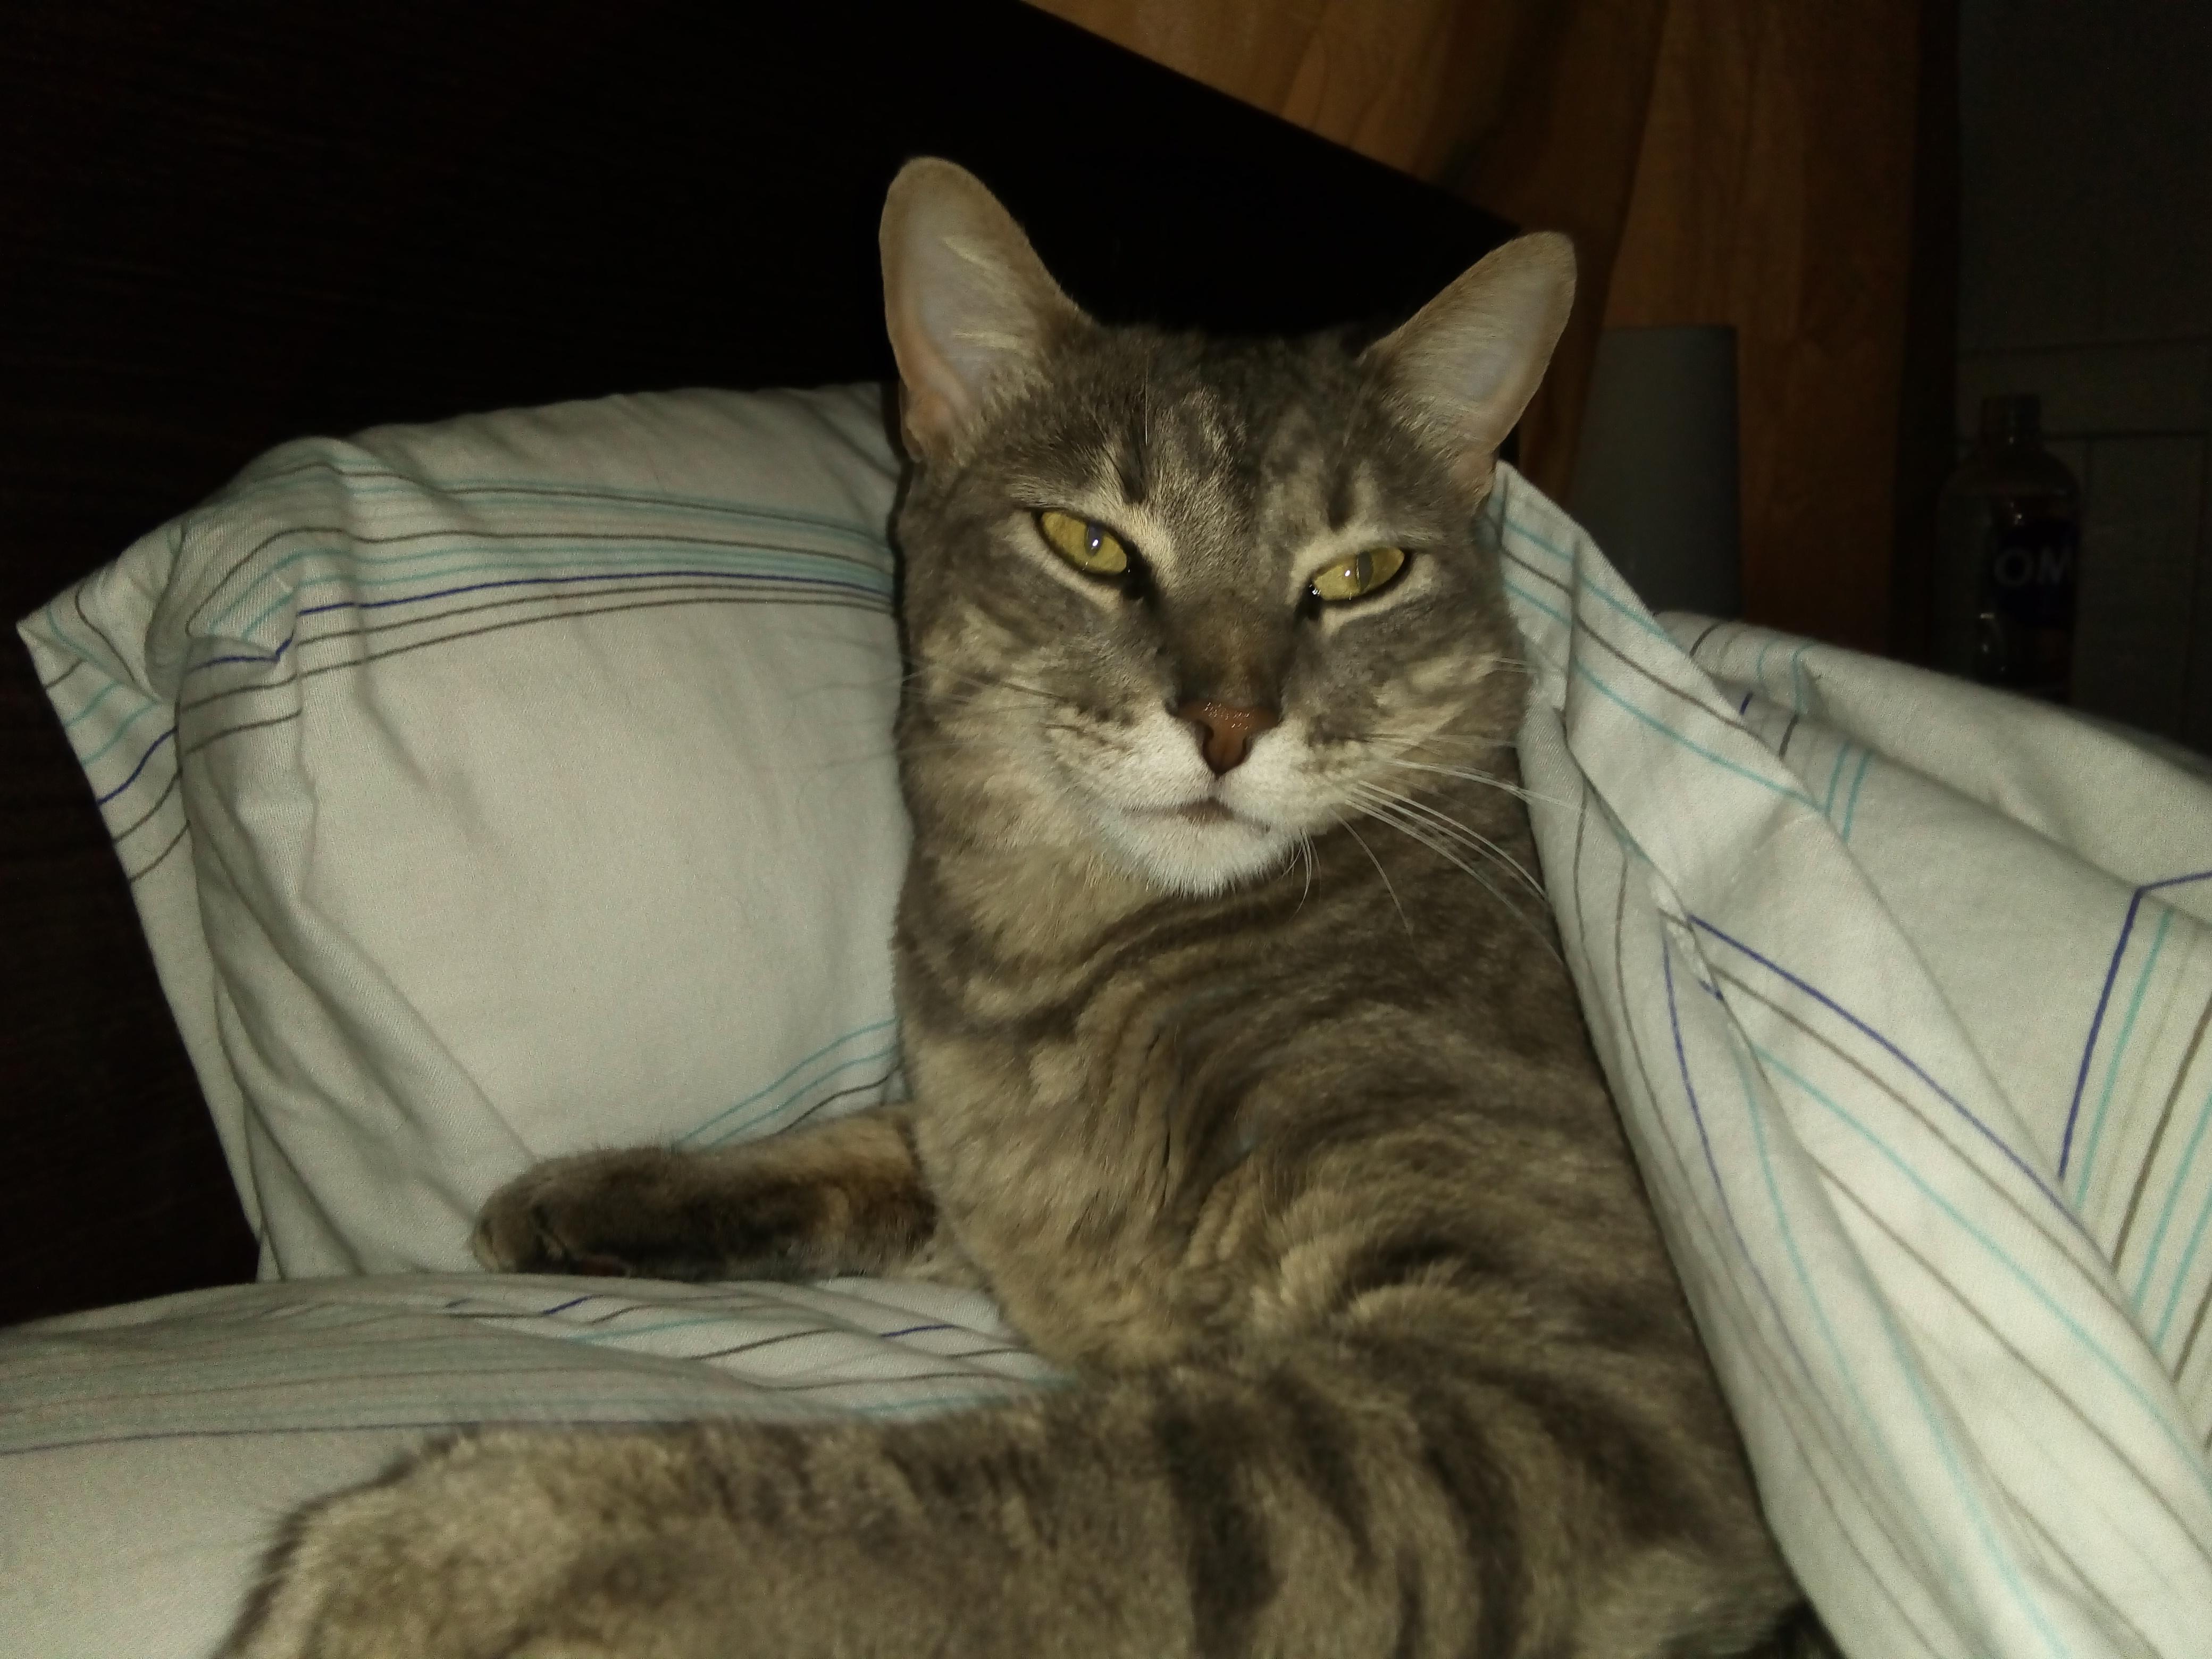 micción frecuente en gatos con sangre